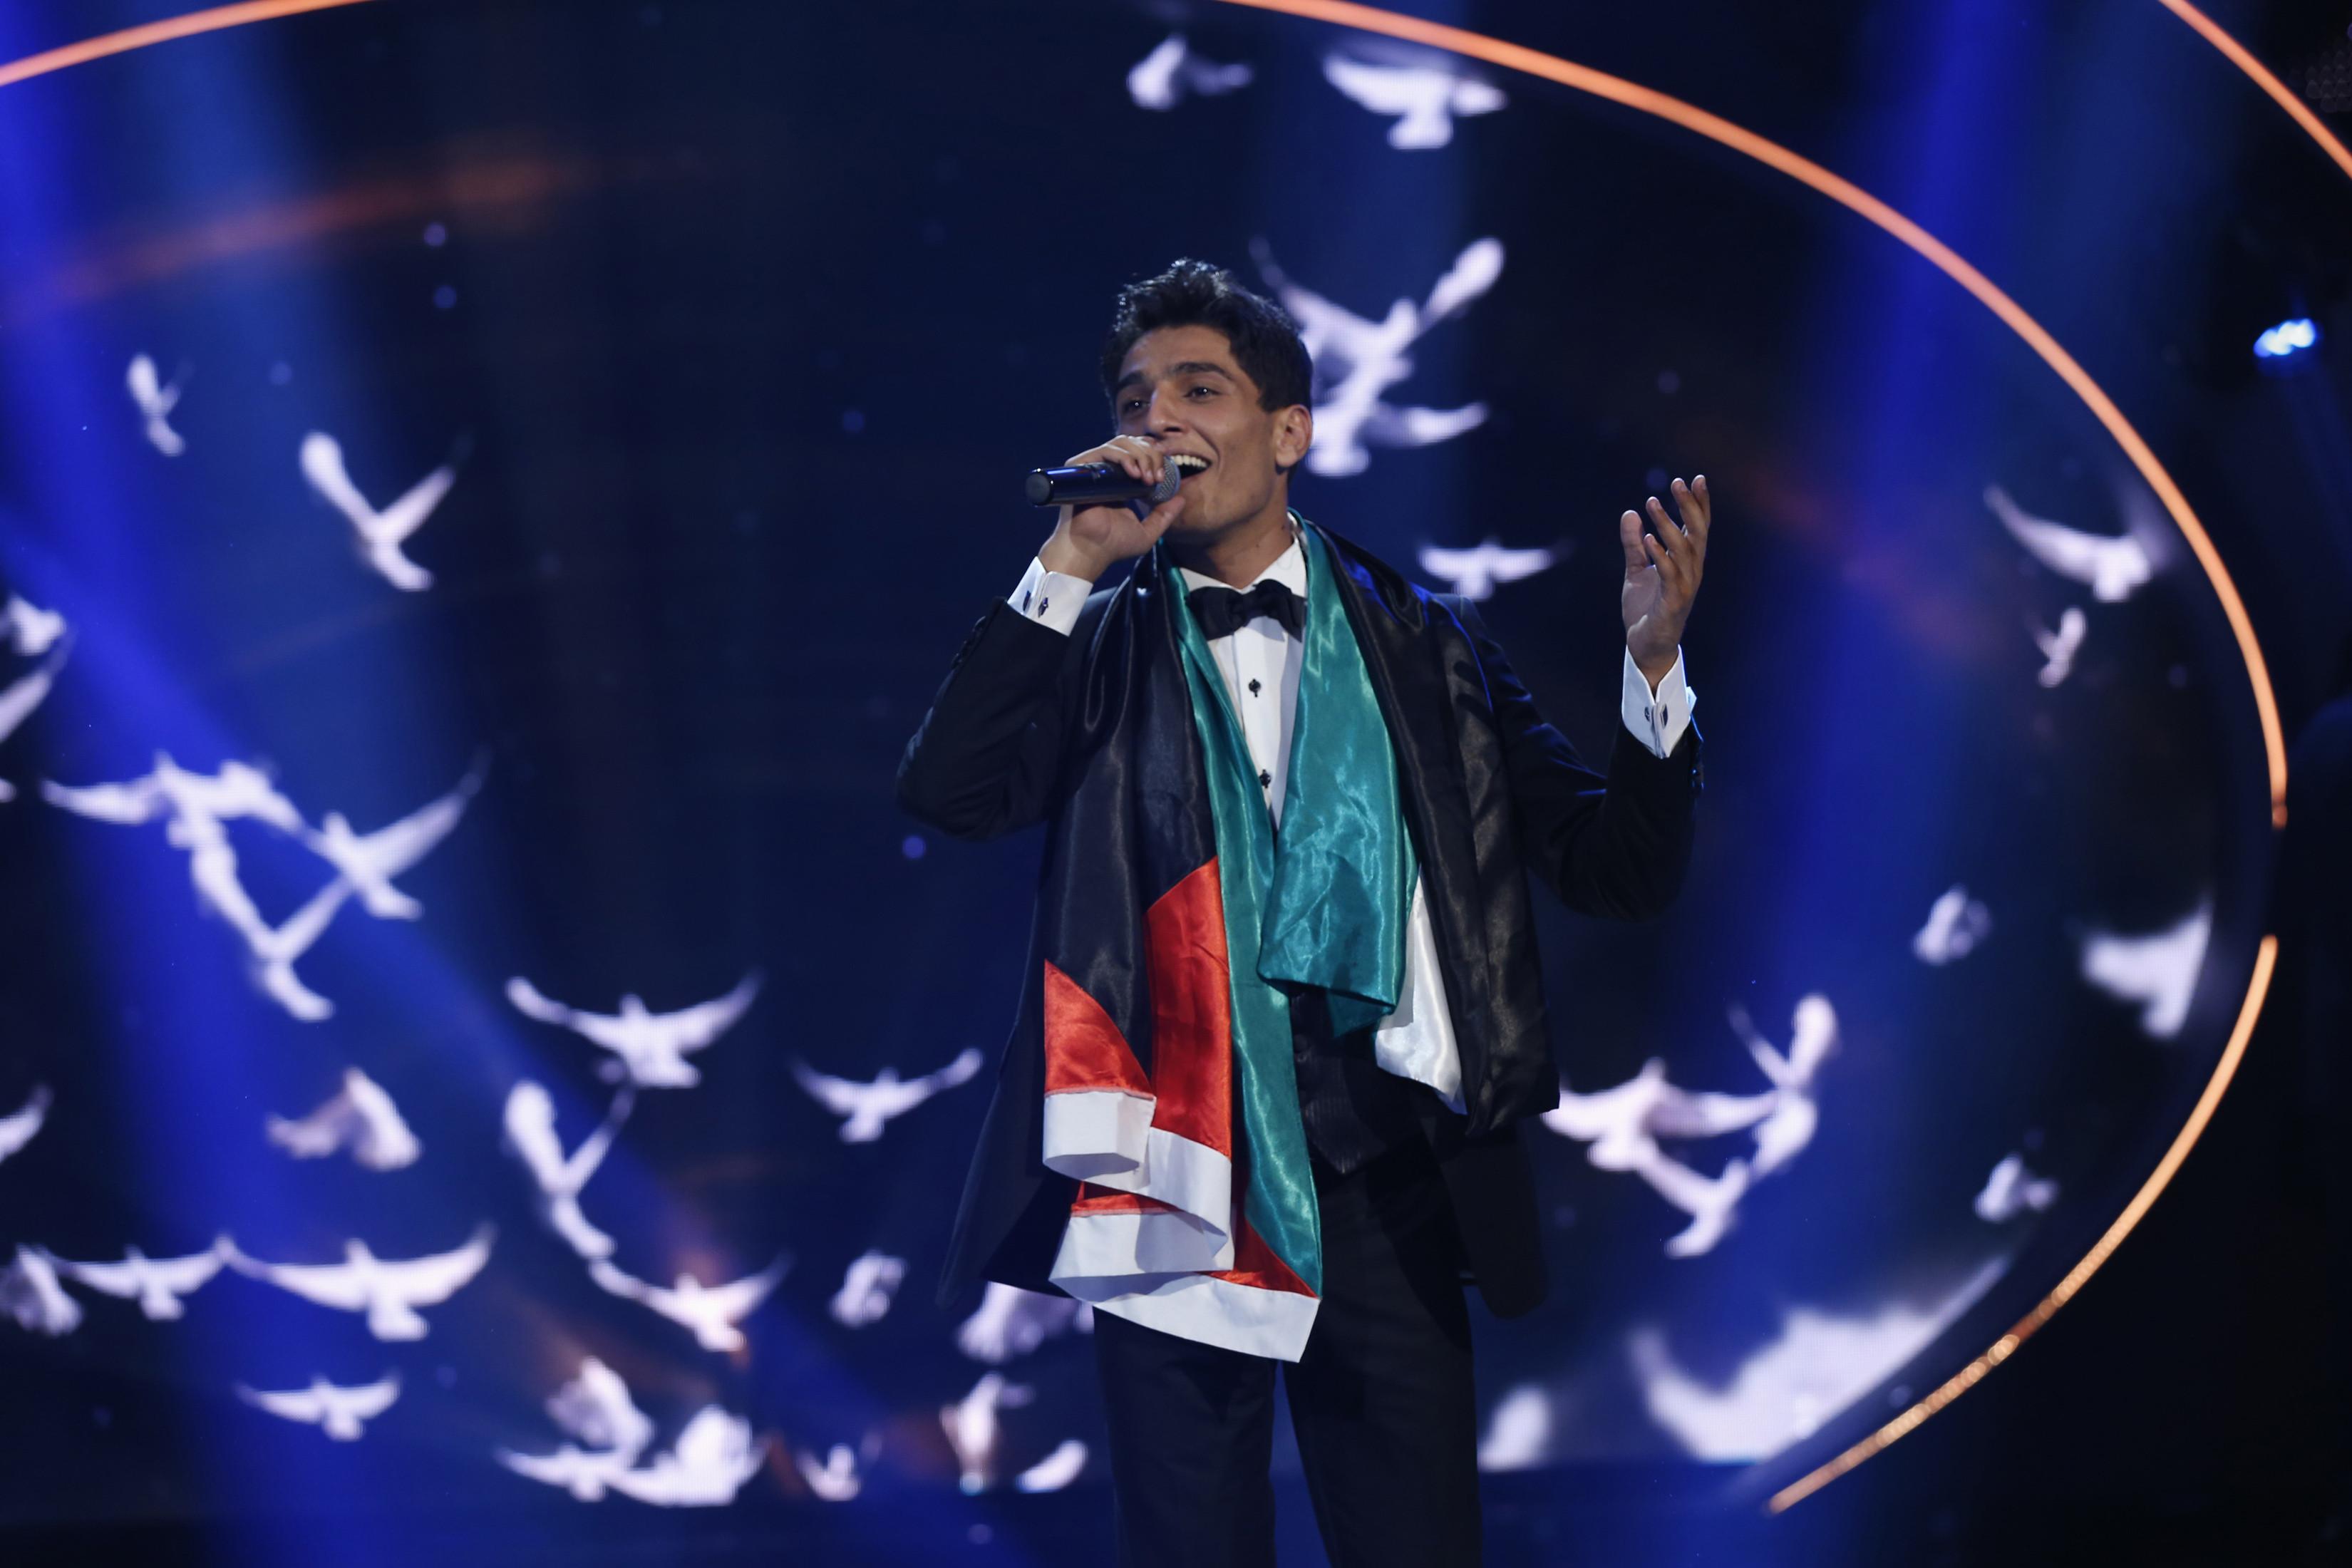 mohammed assaf singer 2013 idol 22